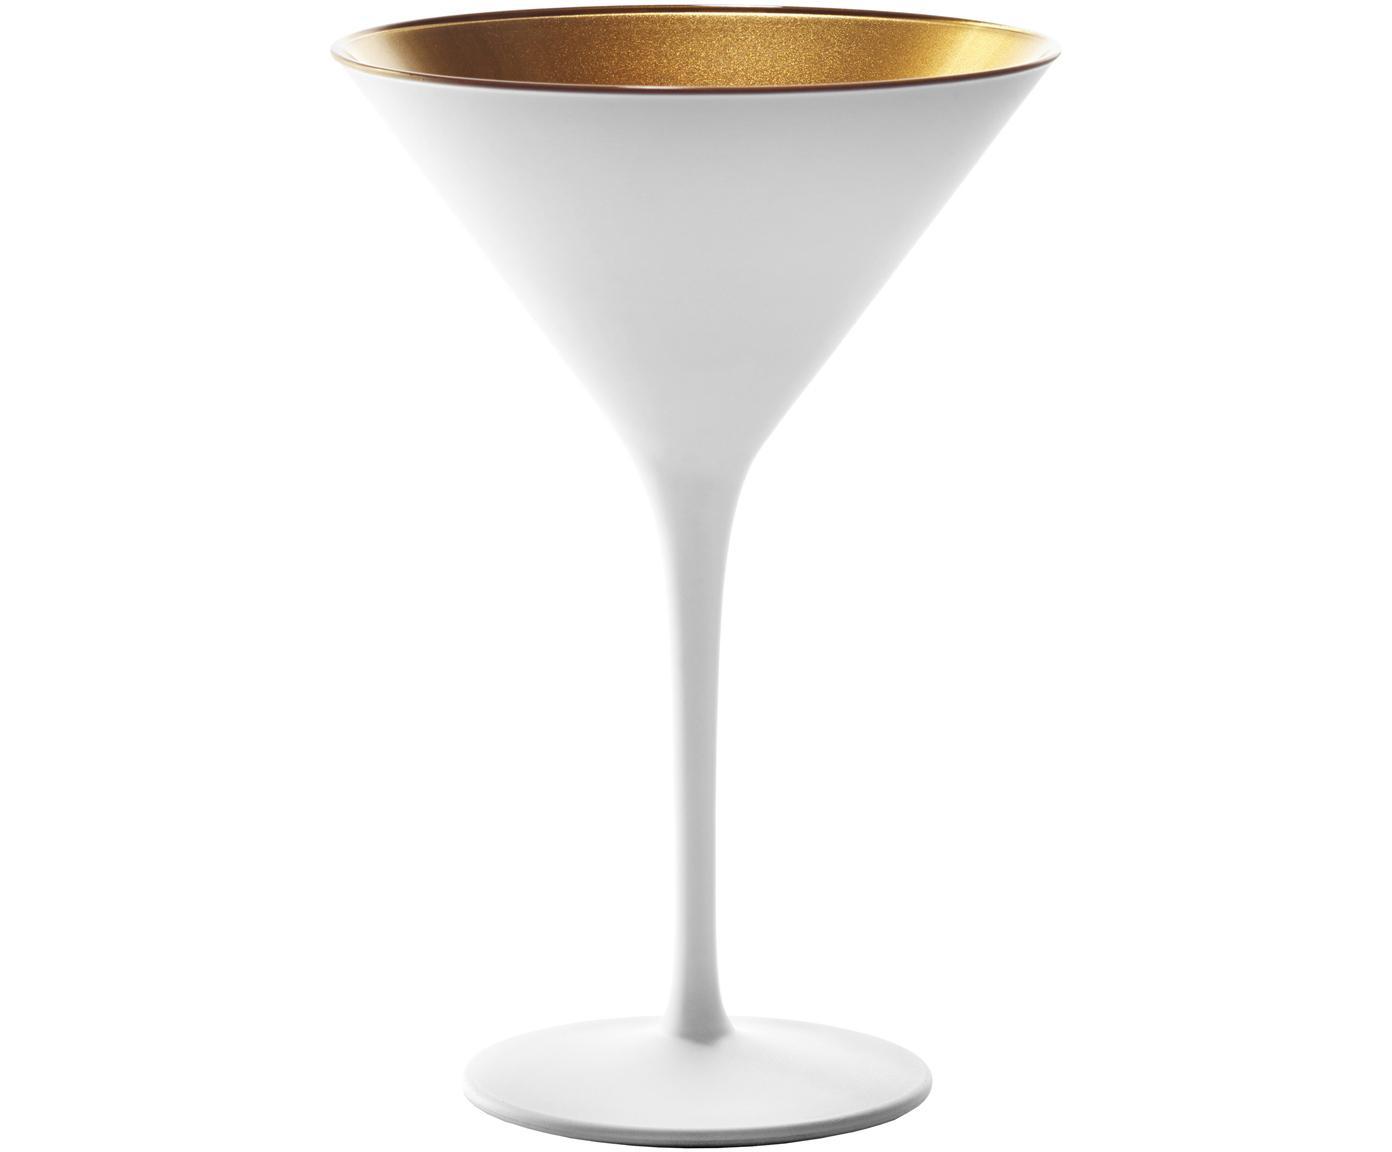 Kristallen cocktailglazen Elements in wit/goud, 6 stuks, Gecoat kristalglas, Wit, goudkleurig, Ø 12 x H 17 cm